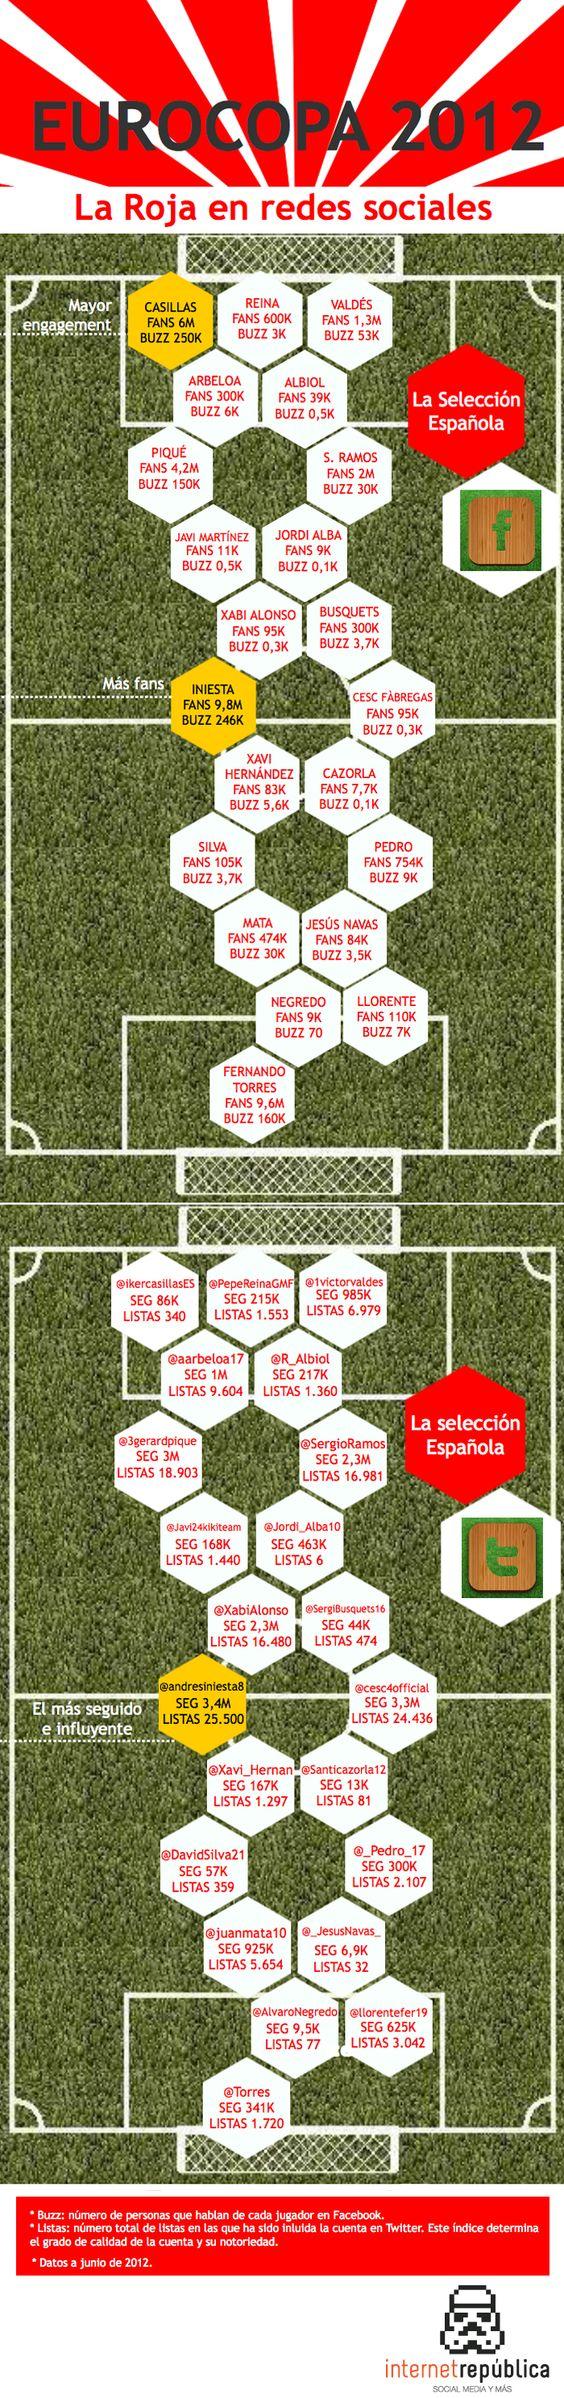 La Selección Española de fútbol en las redes sociales #infografia #socialmedia